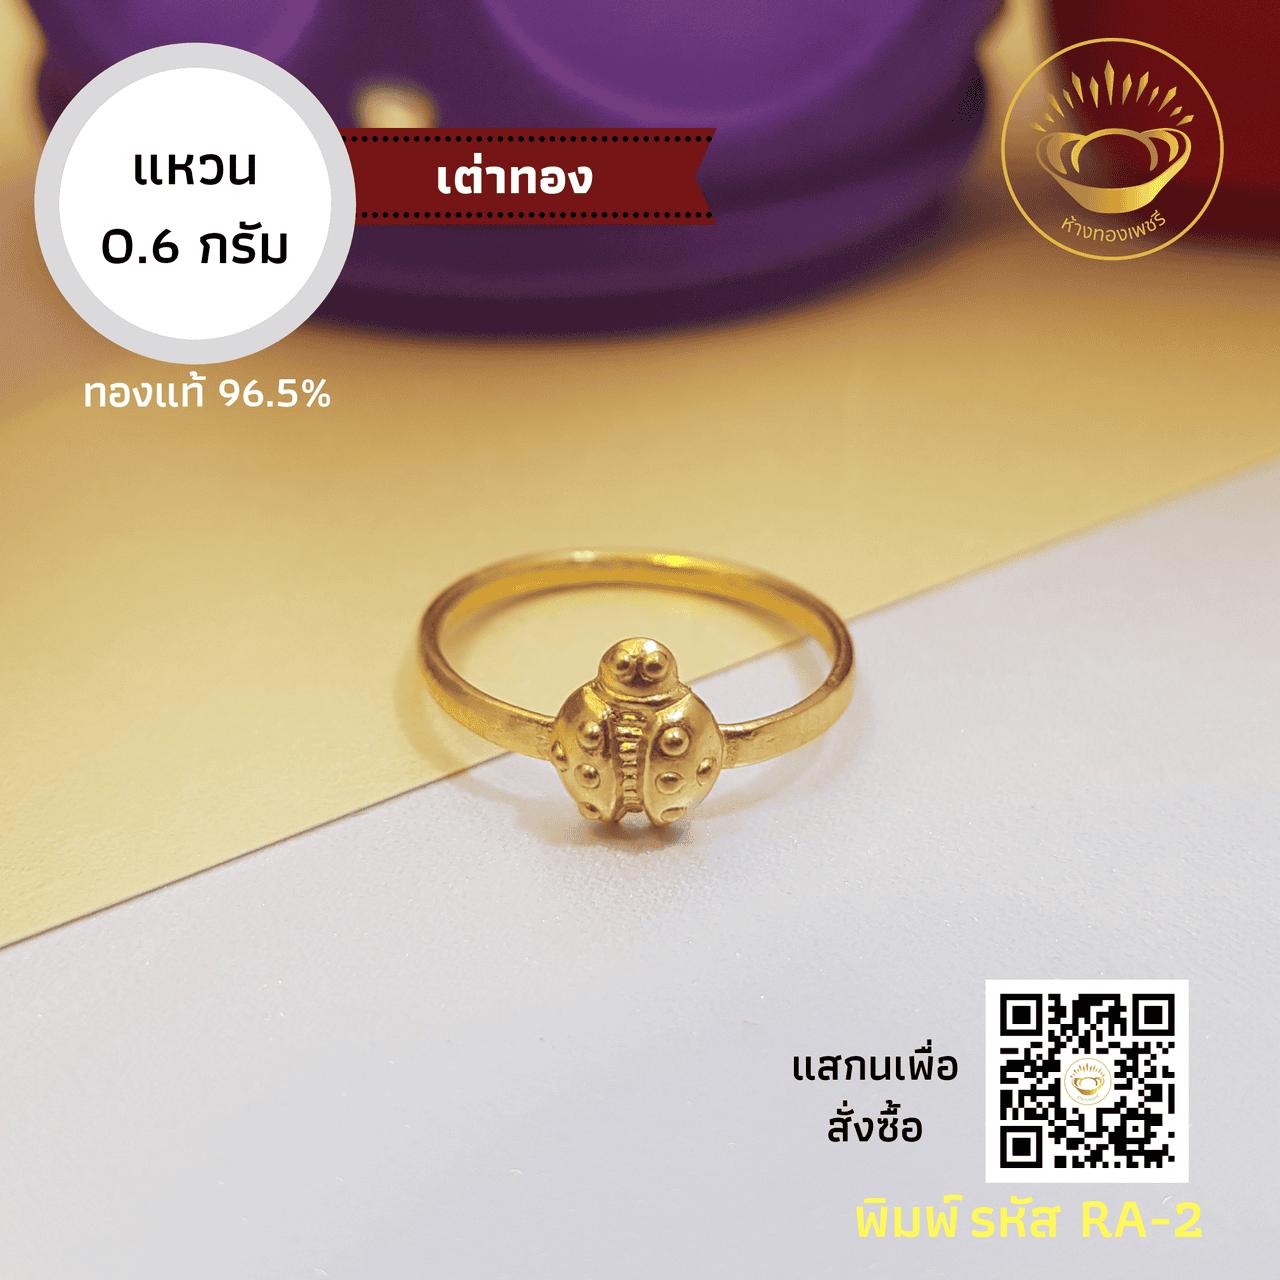 แหวนทองคำแท้ 0.6กรัม เต่าทอง RA-2